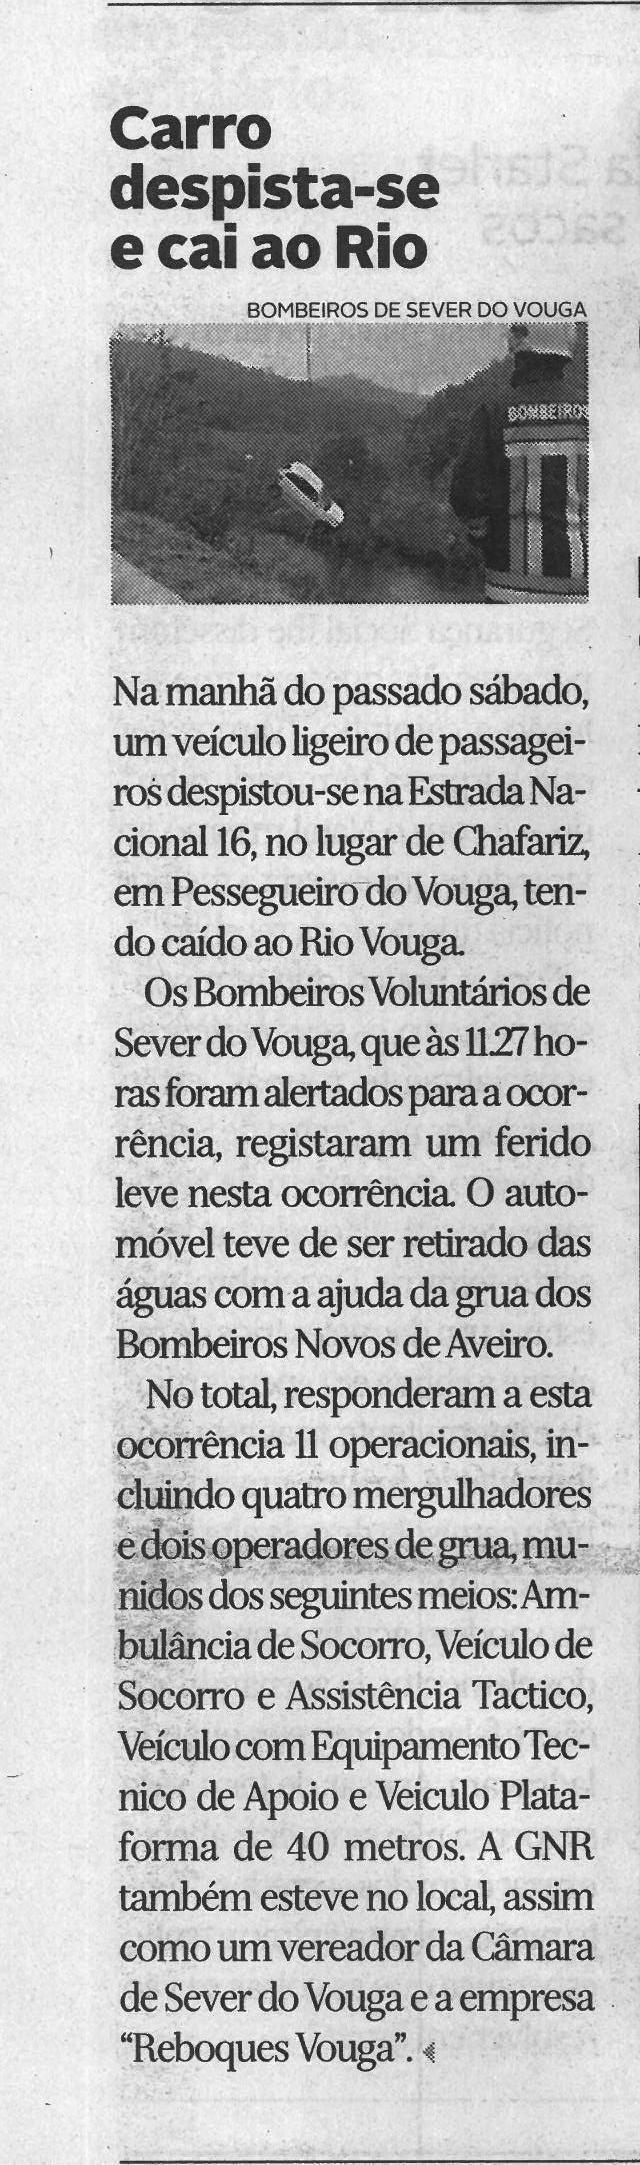 DA-21dez.'20-p.6-Carro despista-se e cai ao Rio.jpg